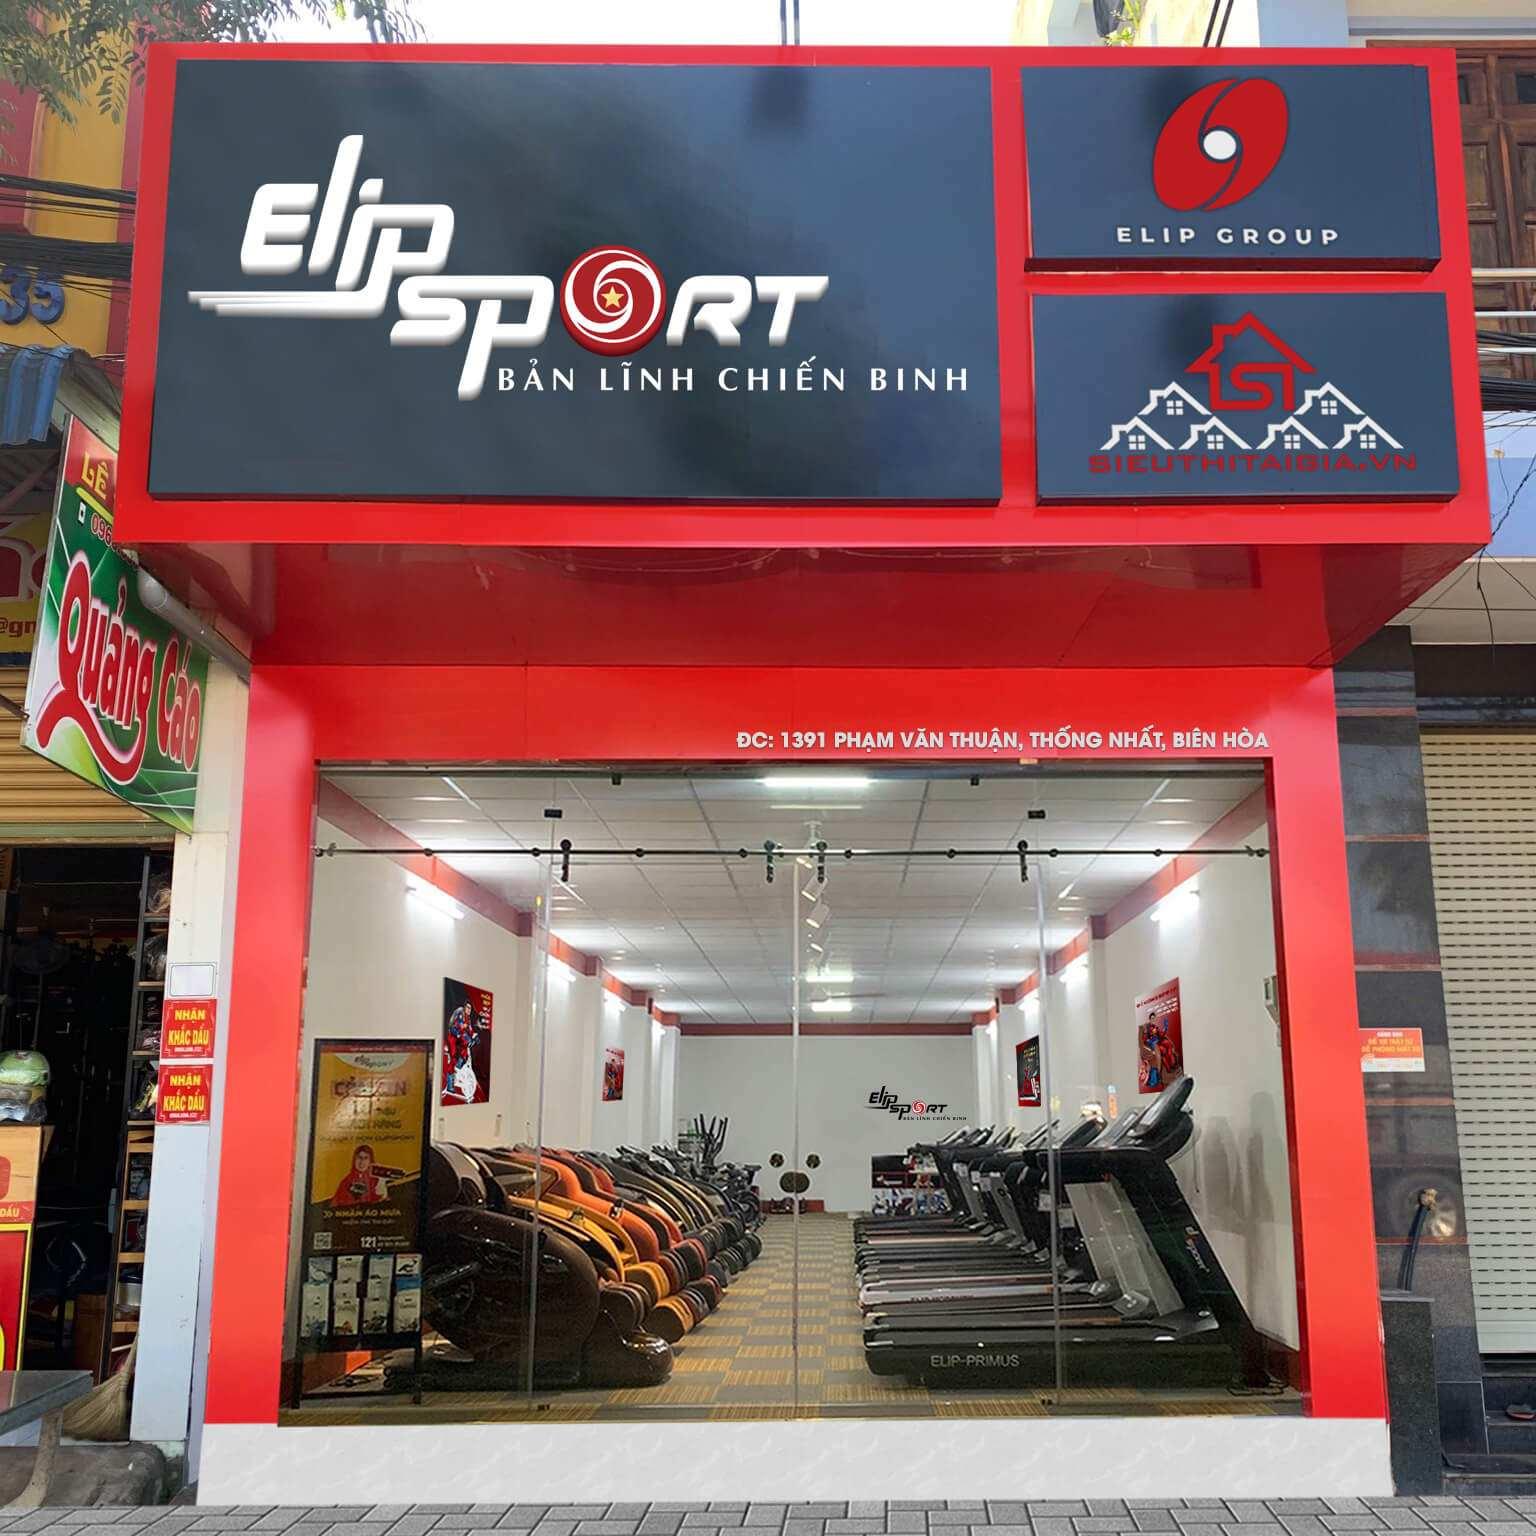 Hình ảnh của chi nhánh Elipspot Biên Hòa - Đồng Nai 1